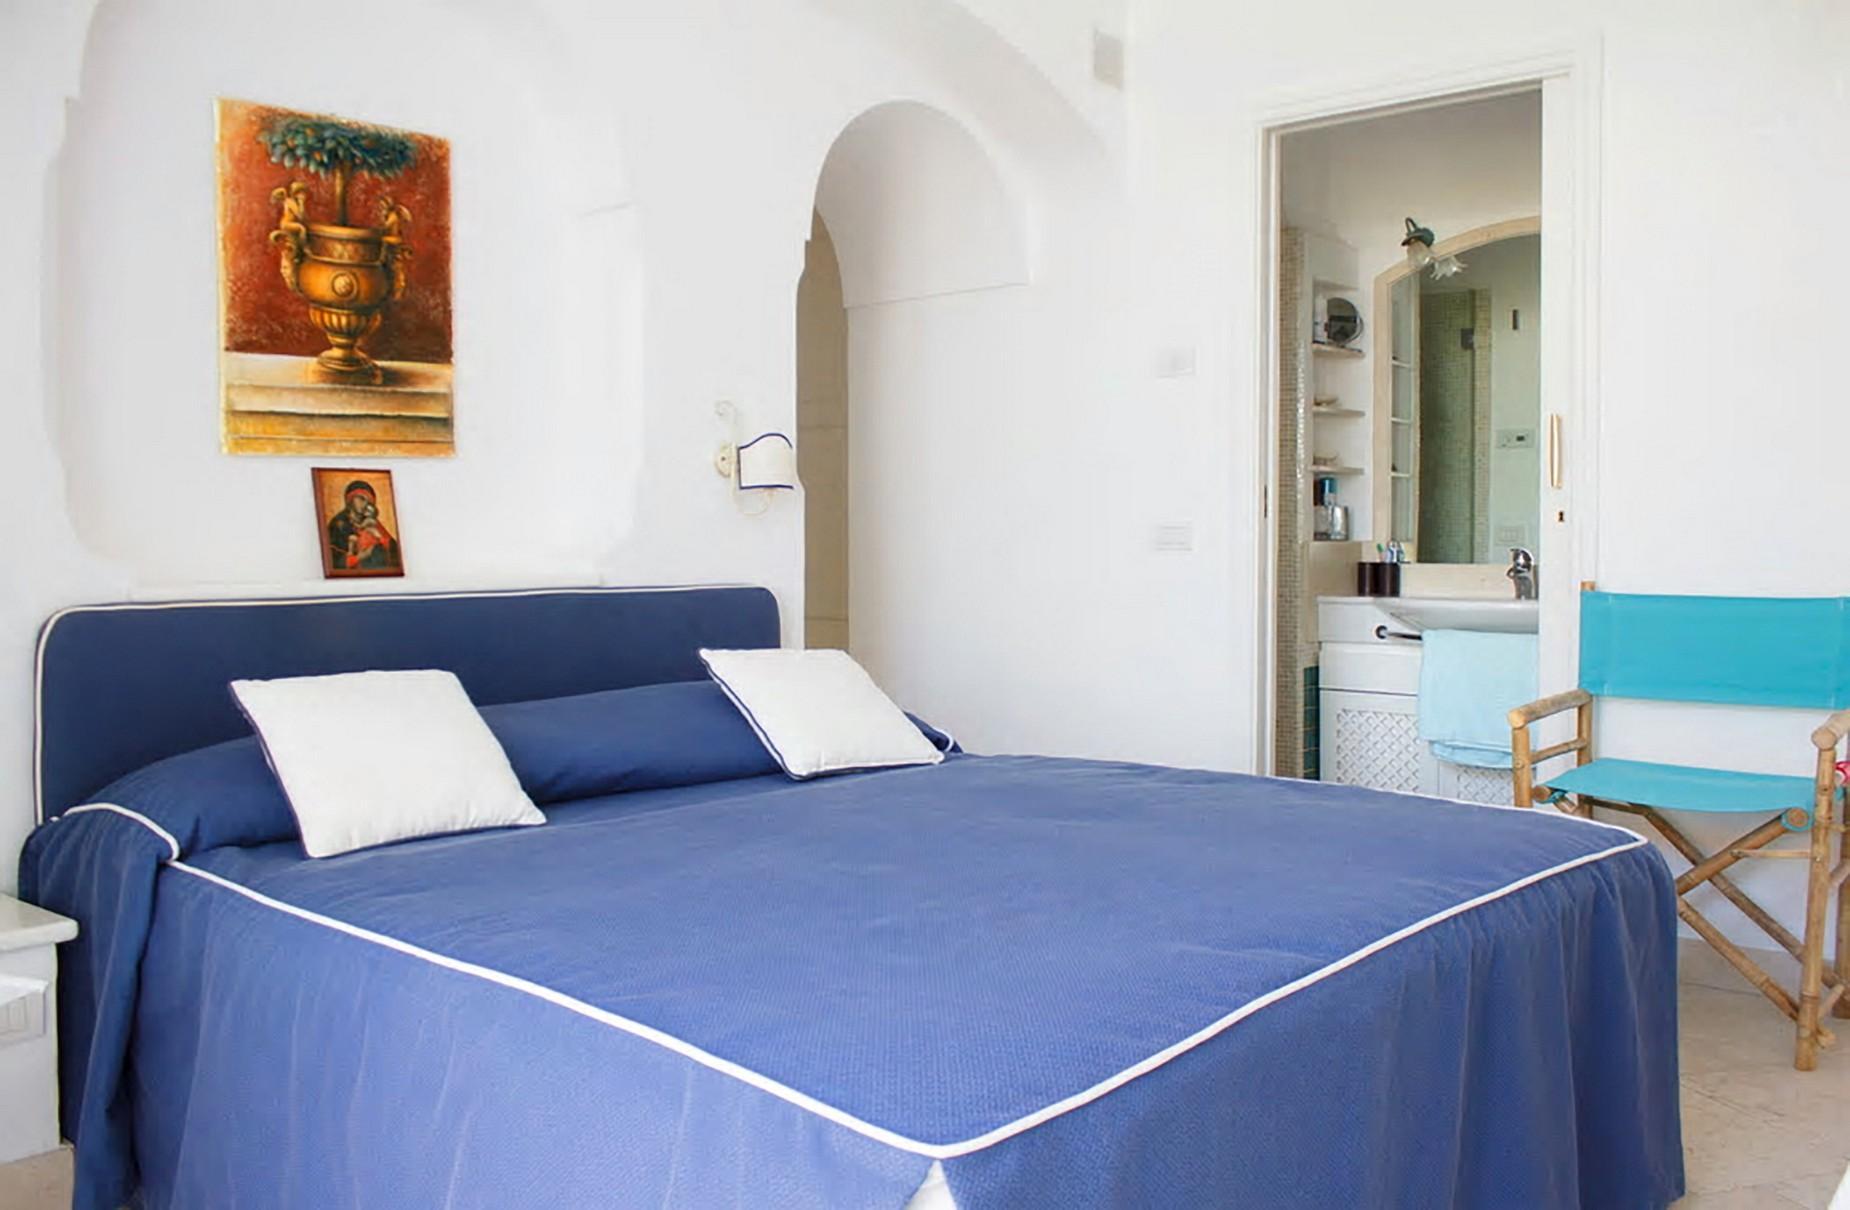 Очаровательная вилла с панорамным бассейном в центре легендарного острова Капри, Италия - 17